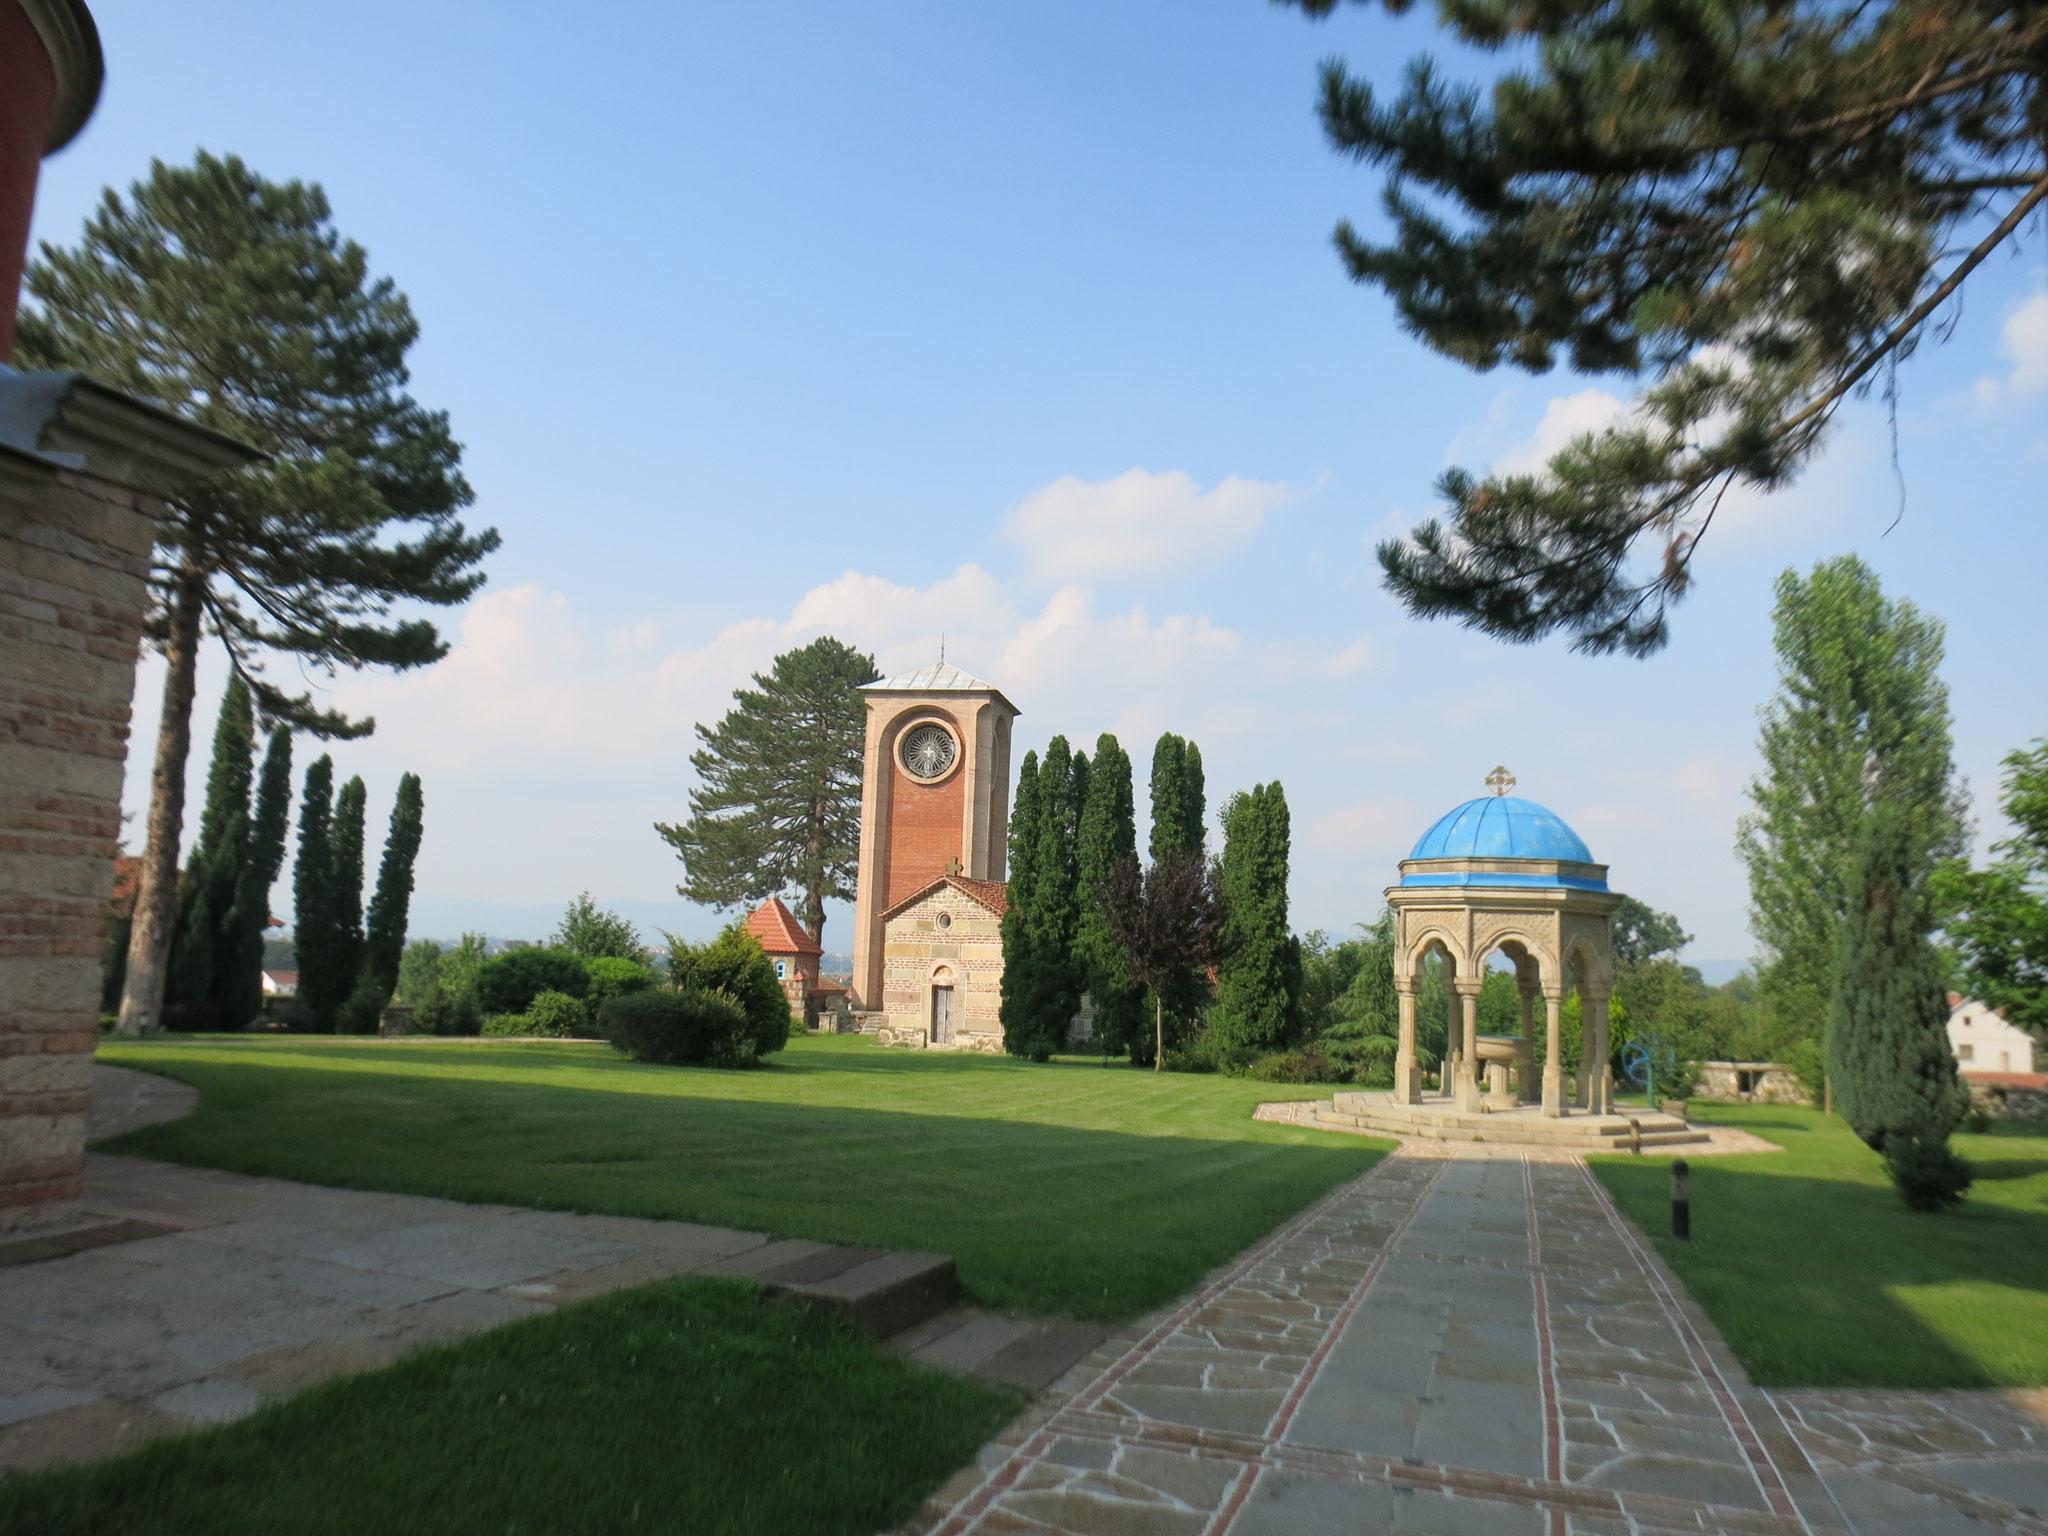 Vista de la pila bautismal y de la torre